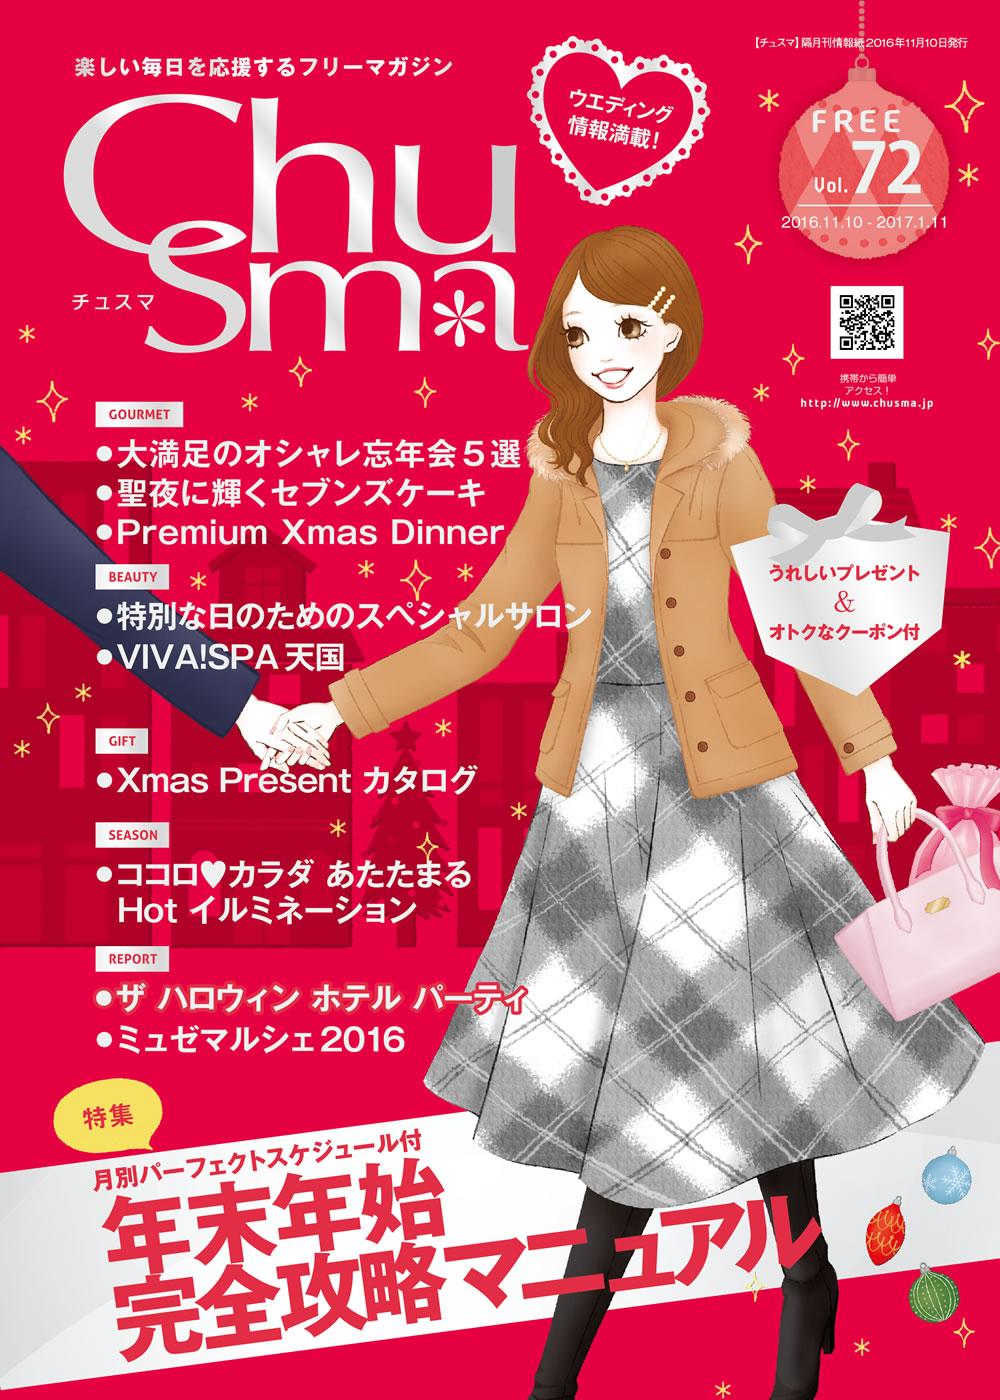 Chusma(チュスマ)Vol.72に掲載されました!